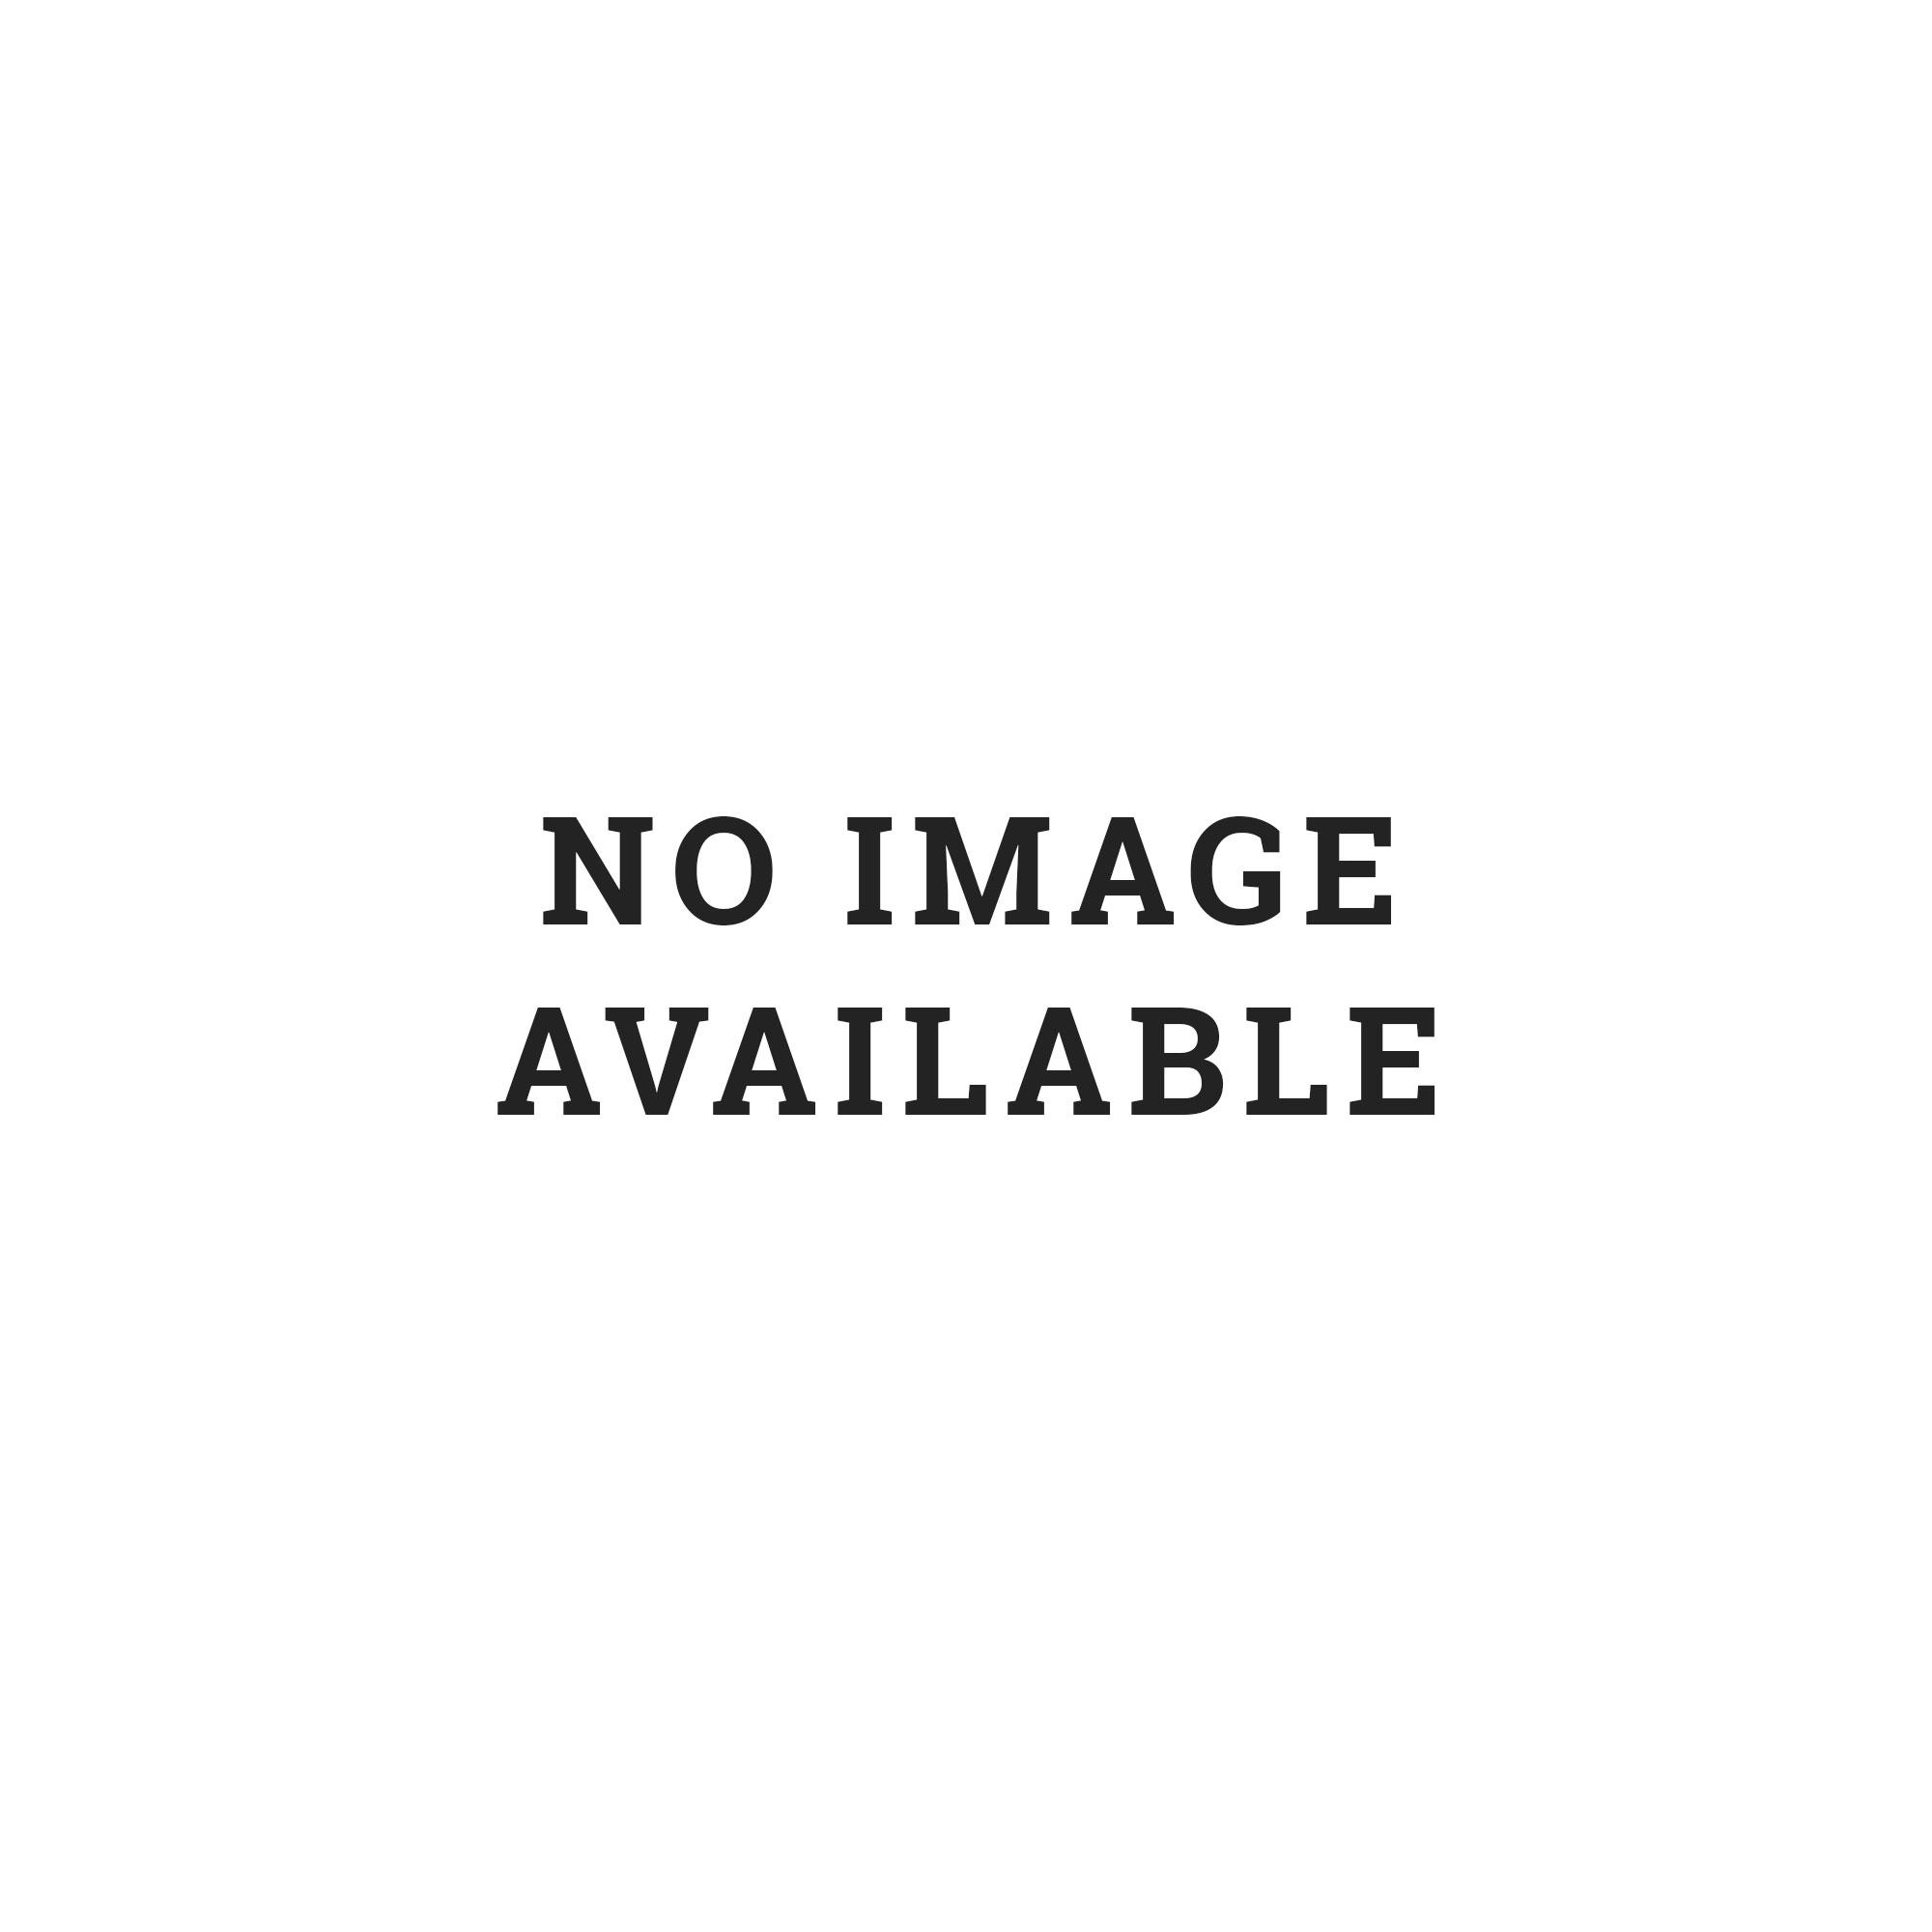 0051ef2969 Vans VN0004PAIJU Sk8-Hi Lite Unisex Suede Skate Shoes - Black   White